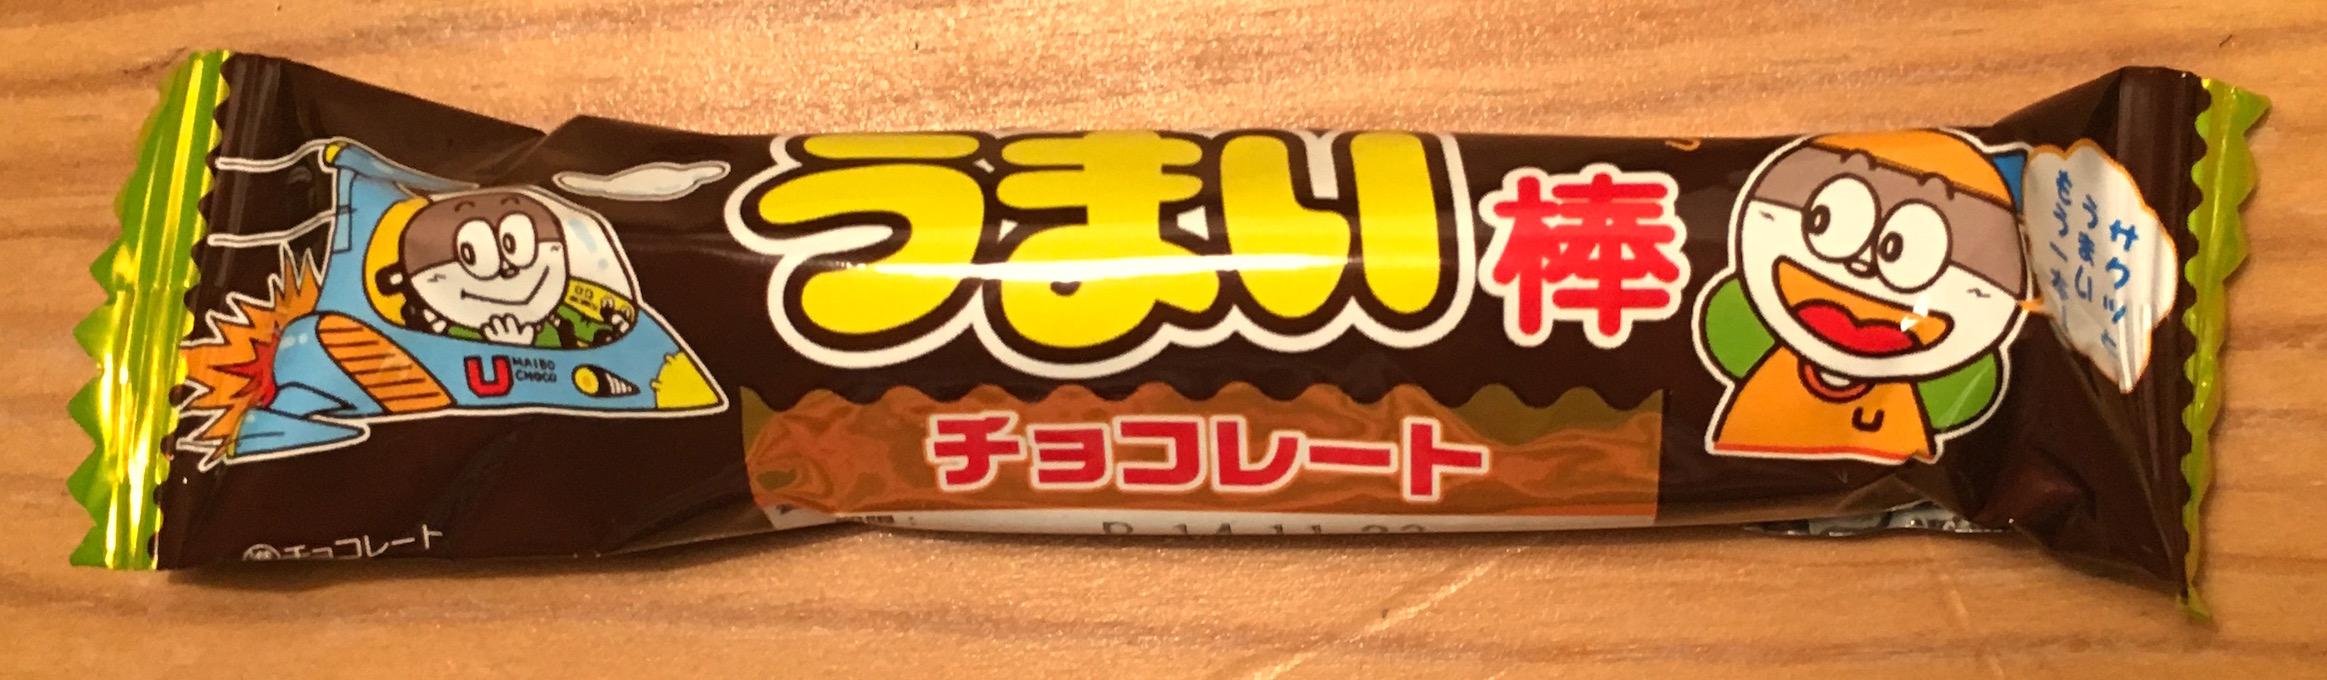 Umaibo_chocolat_1